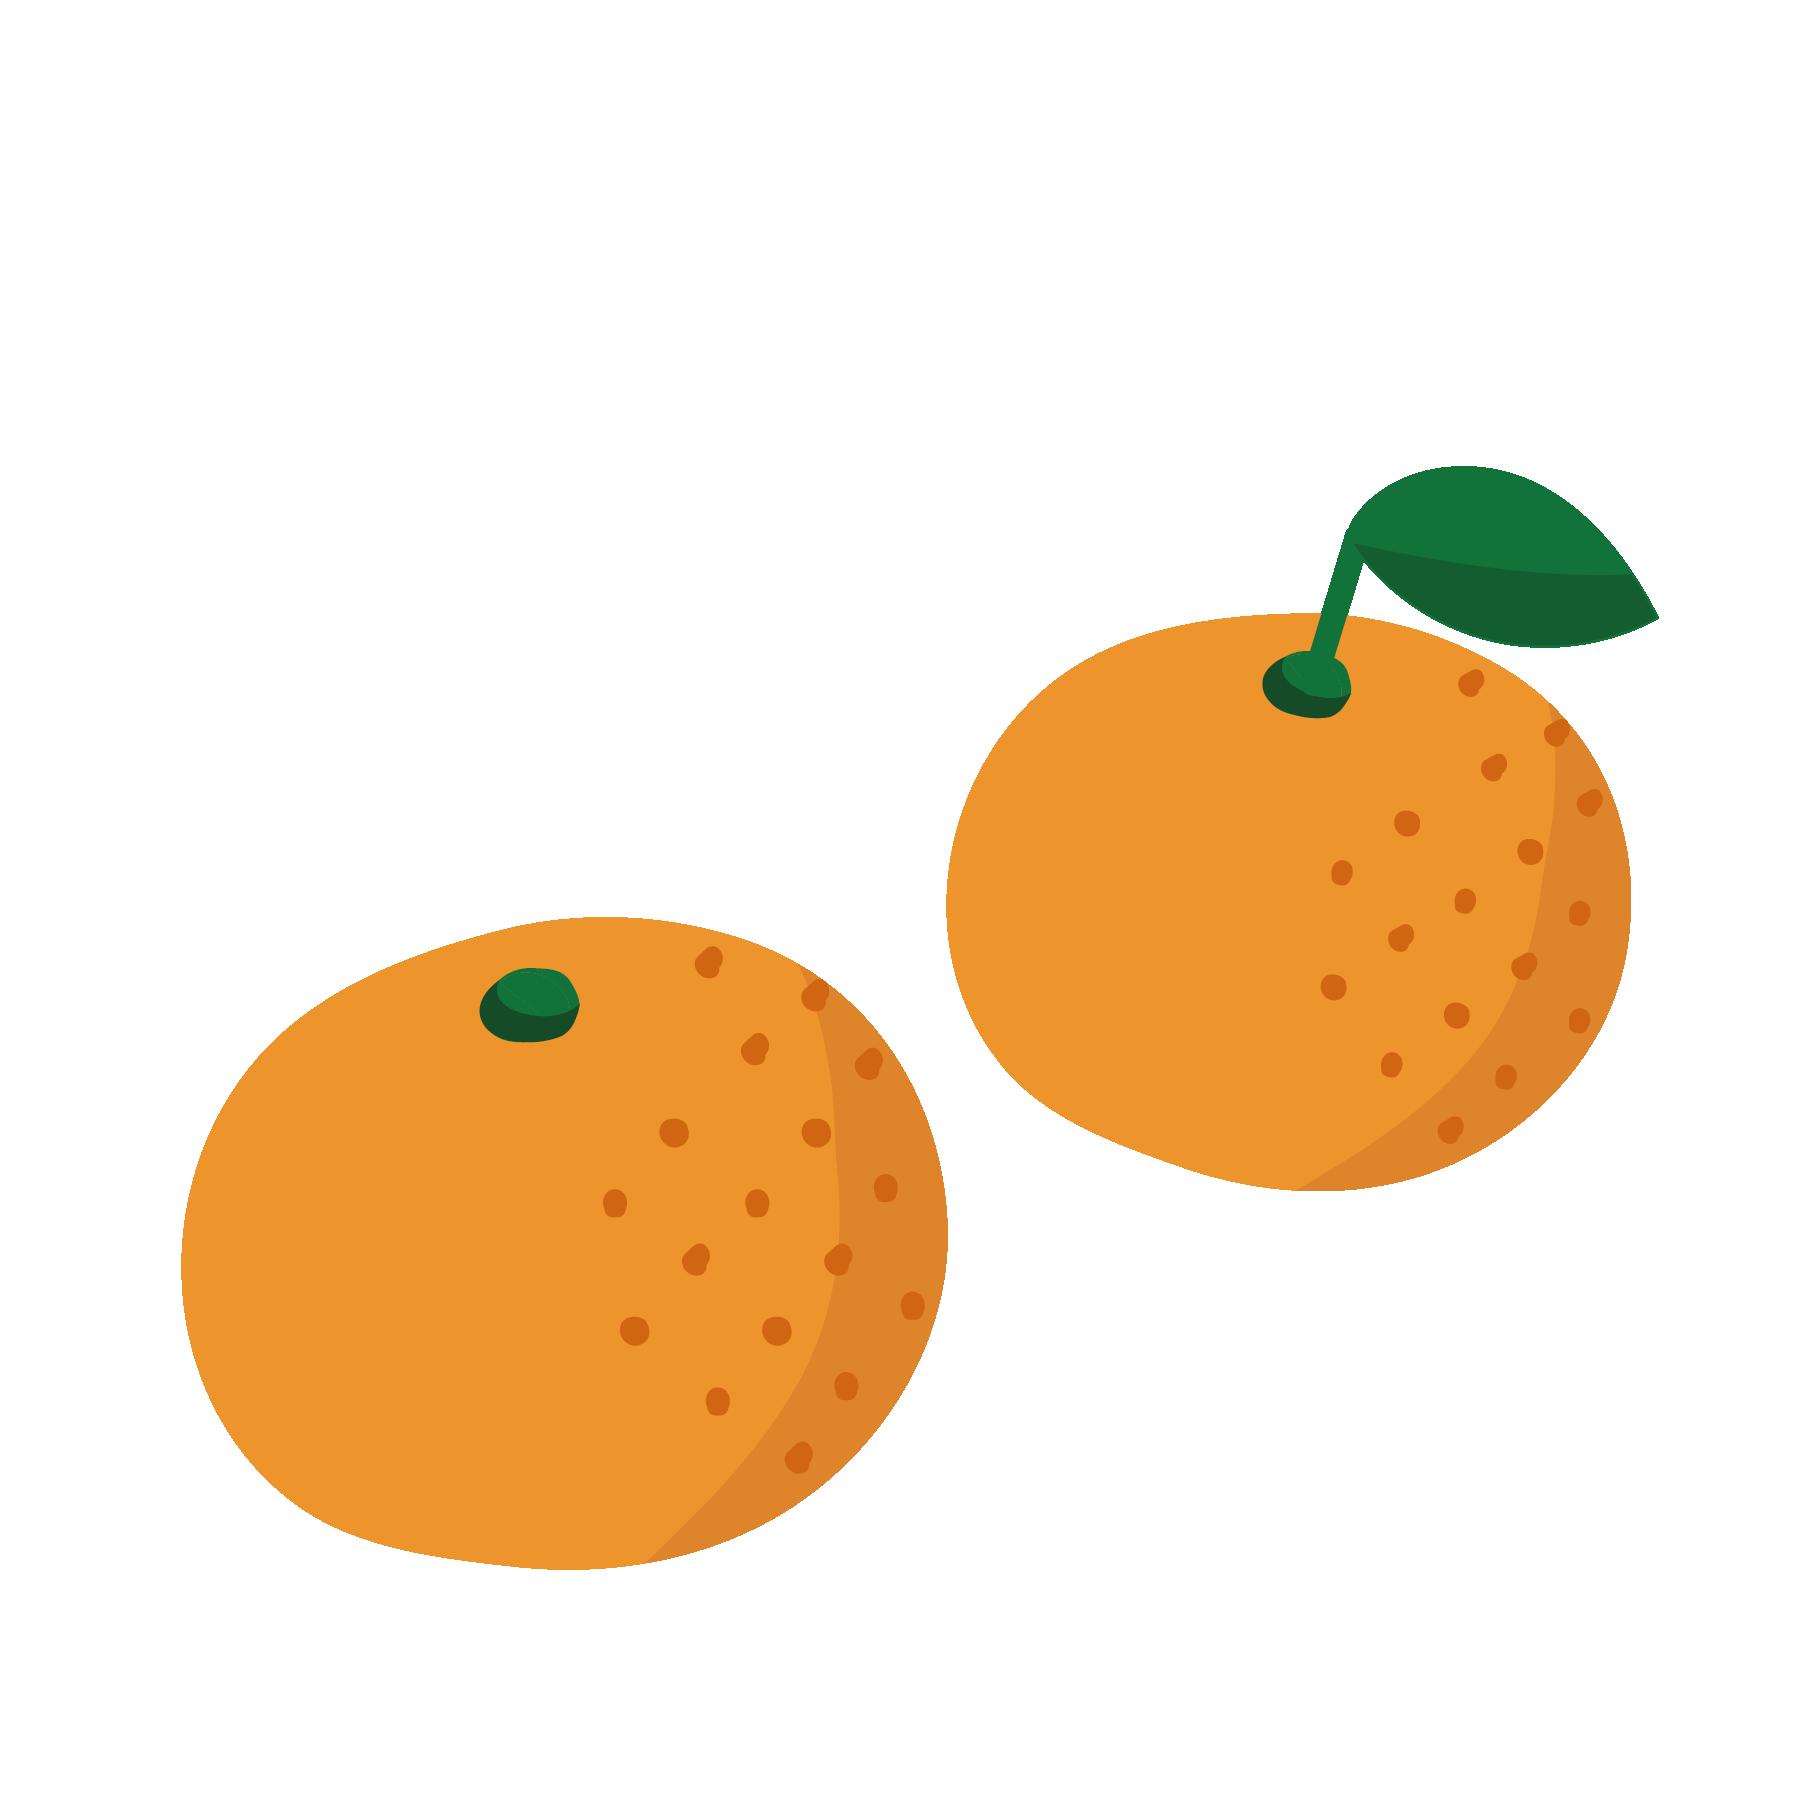 甘い みかんのイラスト冬の果物フルーツ 商用フリー無料の